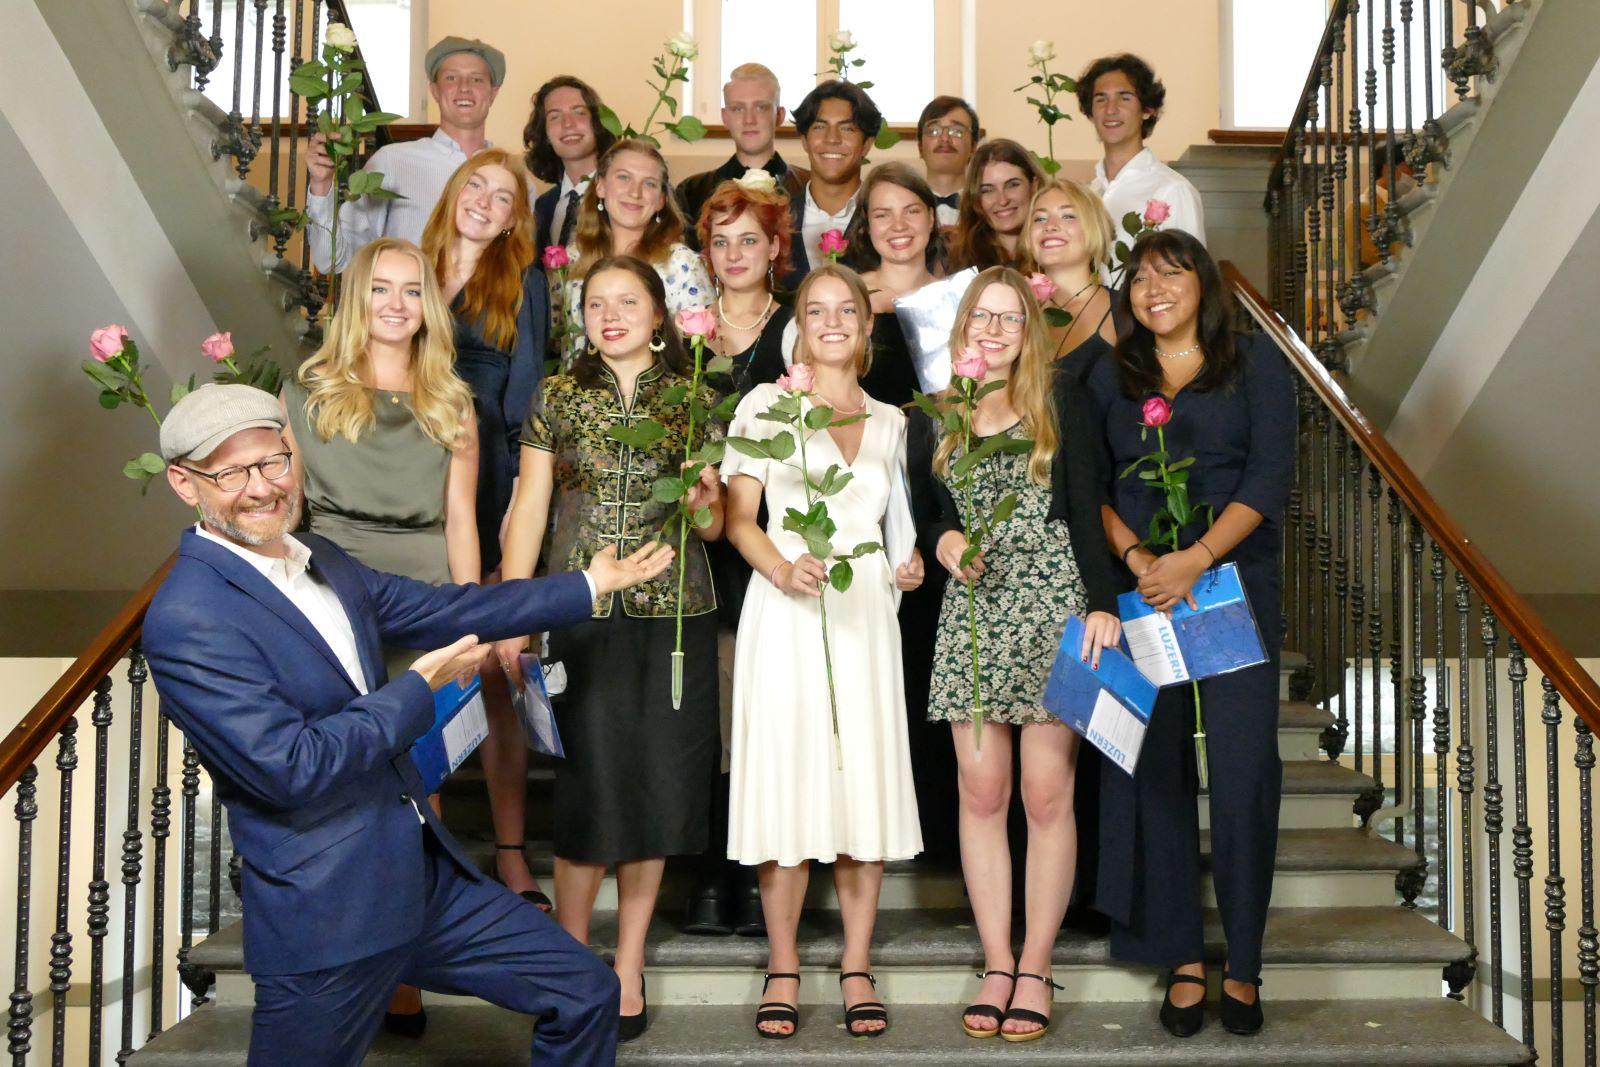 Kantonsschule Musegg Luzern: Klassenlehrer Lukas Bachmann feiert sichtlich stolz seine Klasse G4b, Bild: zVg.